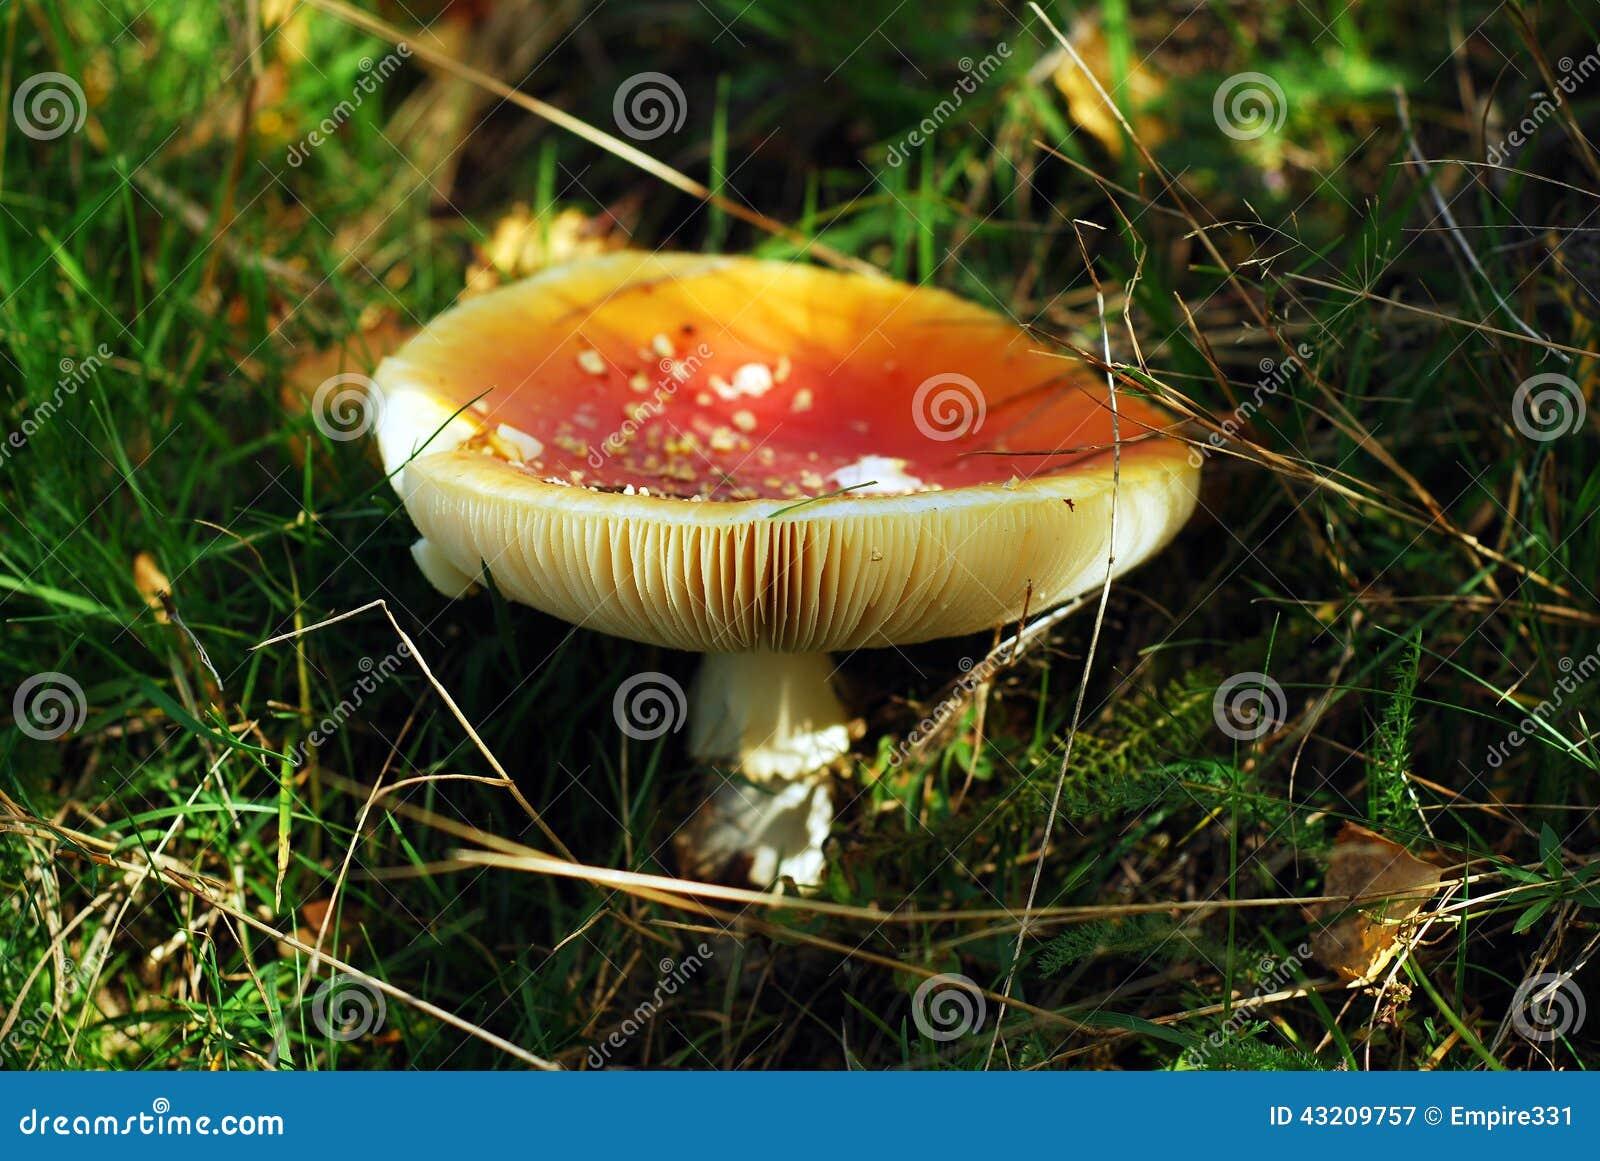 Download Champinjon För Muscaria För Amanitahöstfara Fotografering för Bildbyråer - Bild av giftigt, fluga: 43209757